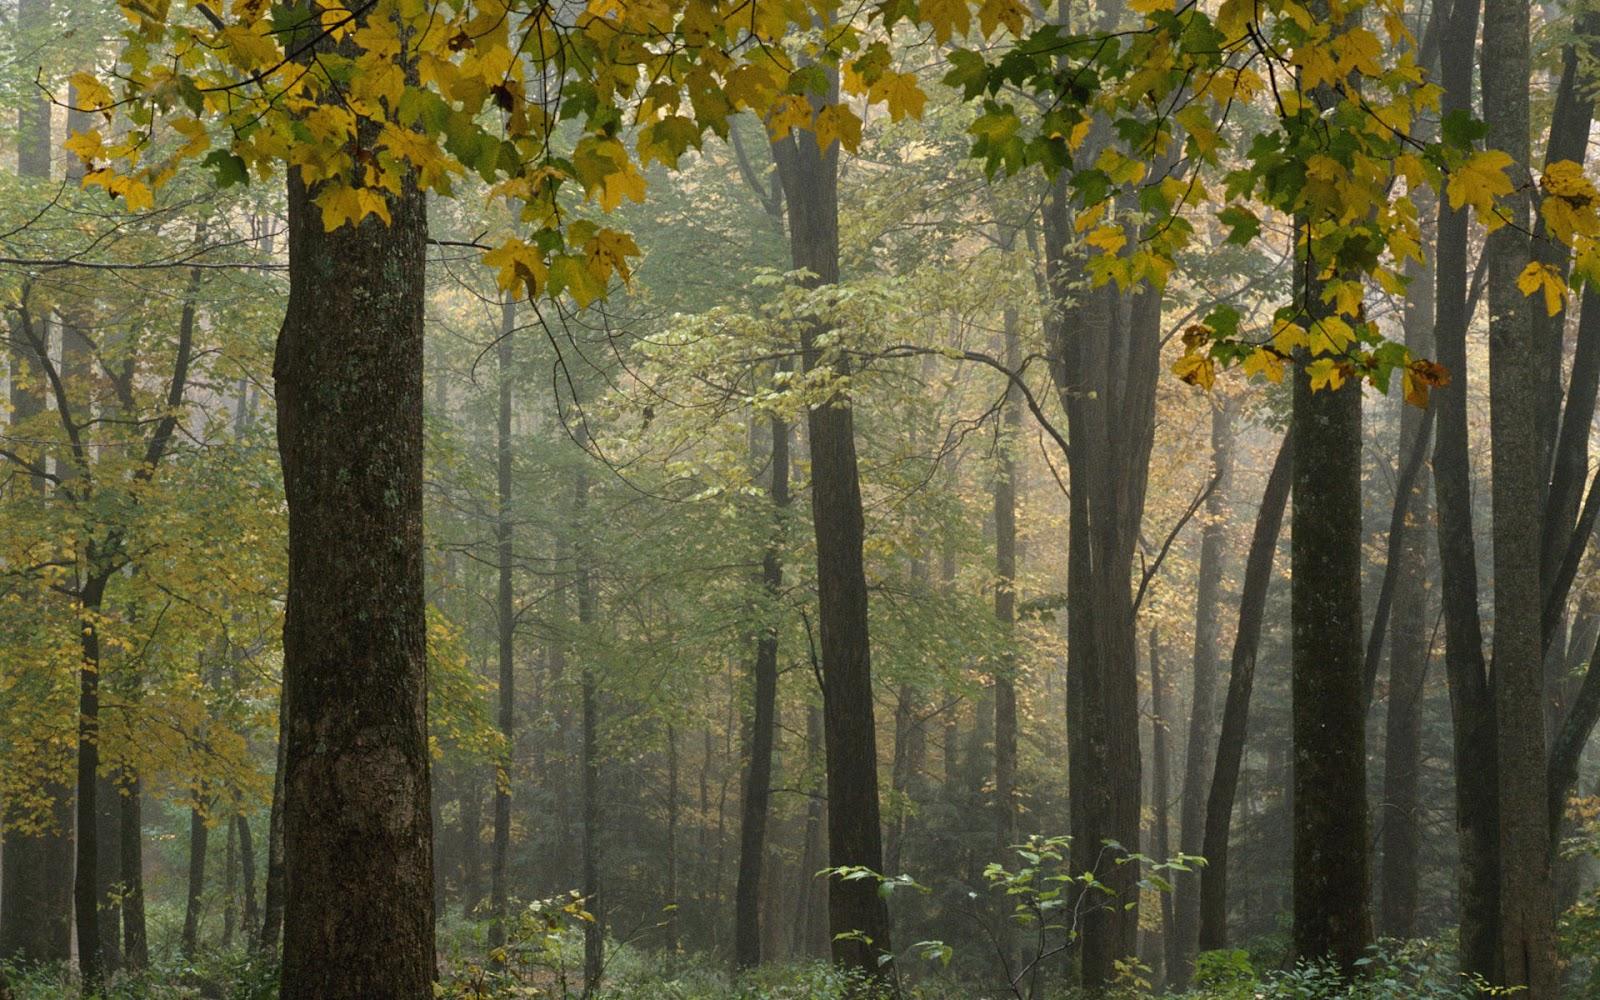 http://2.bp.blogspot.com/-IFzd8GDEMks/UD7n6wwRGPI/AAAAAAAAA8k/tk4VHYFUGNo/s1600/inside+the+forest.jpg